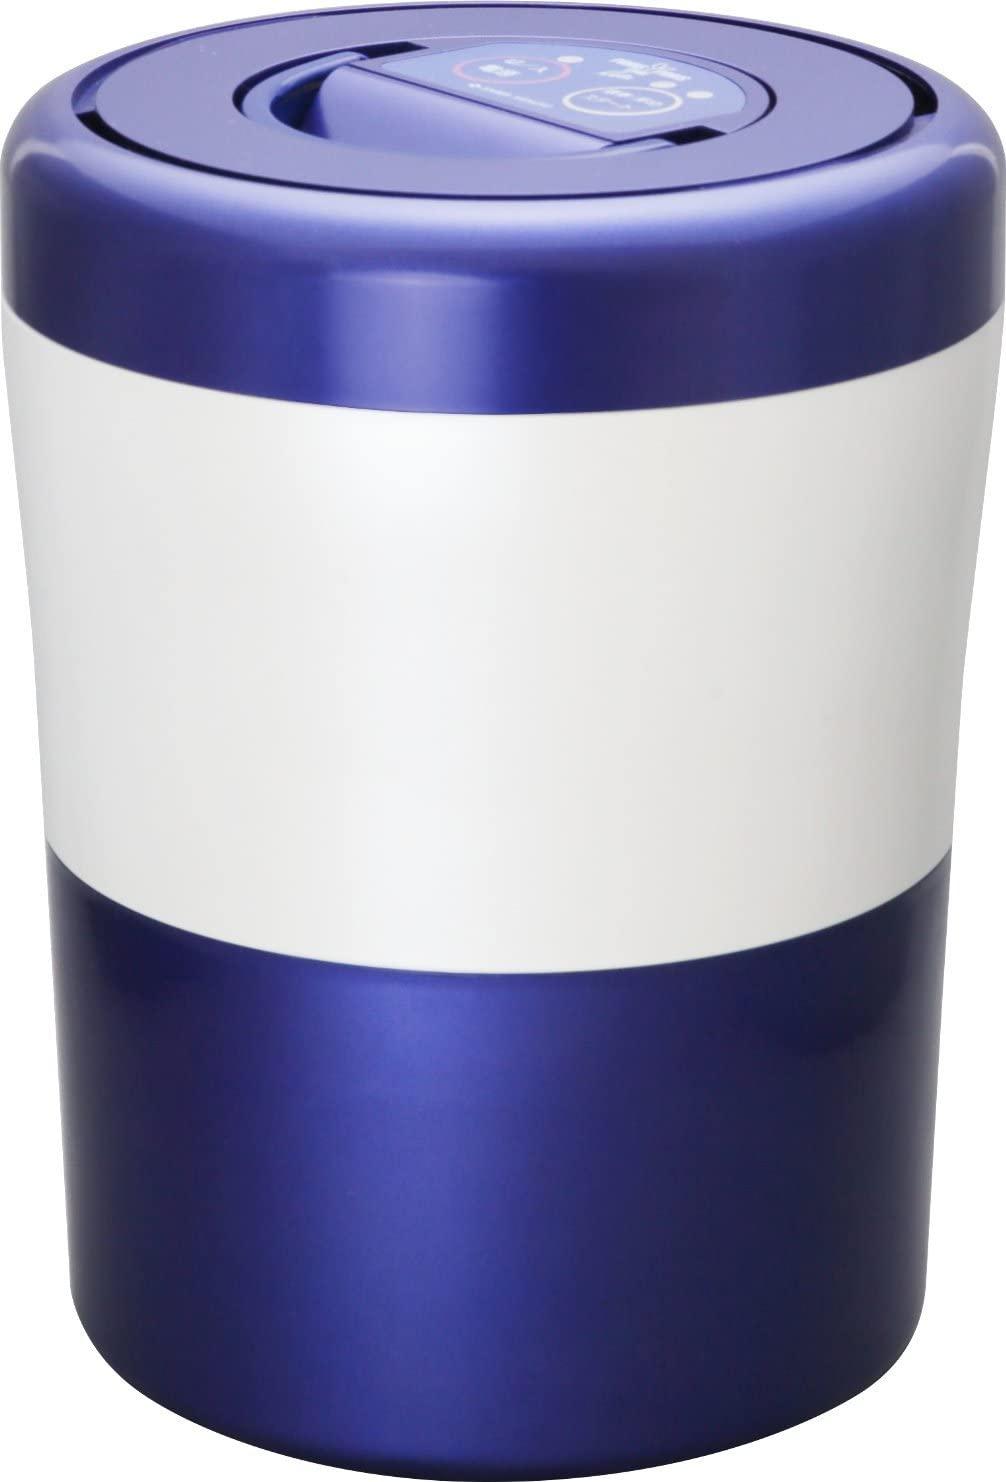 ◆高品質 島産業 家庭用生ごみ減量乾燥機 パリパリキューブライトアルファ ブルーストライプ メーカー取寄 オンラインショッピング